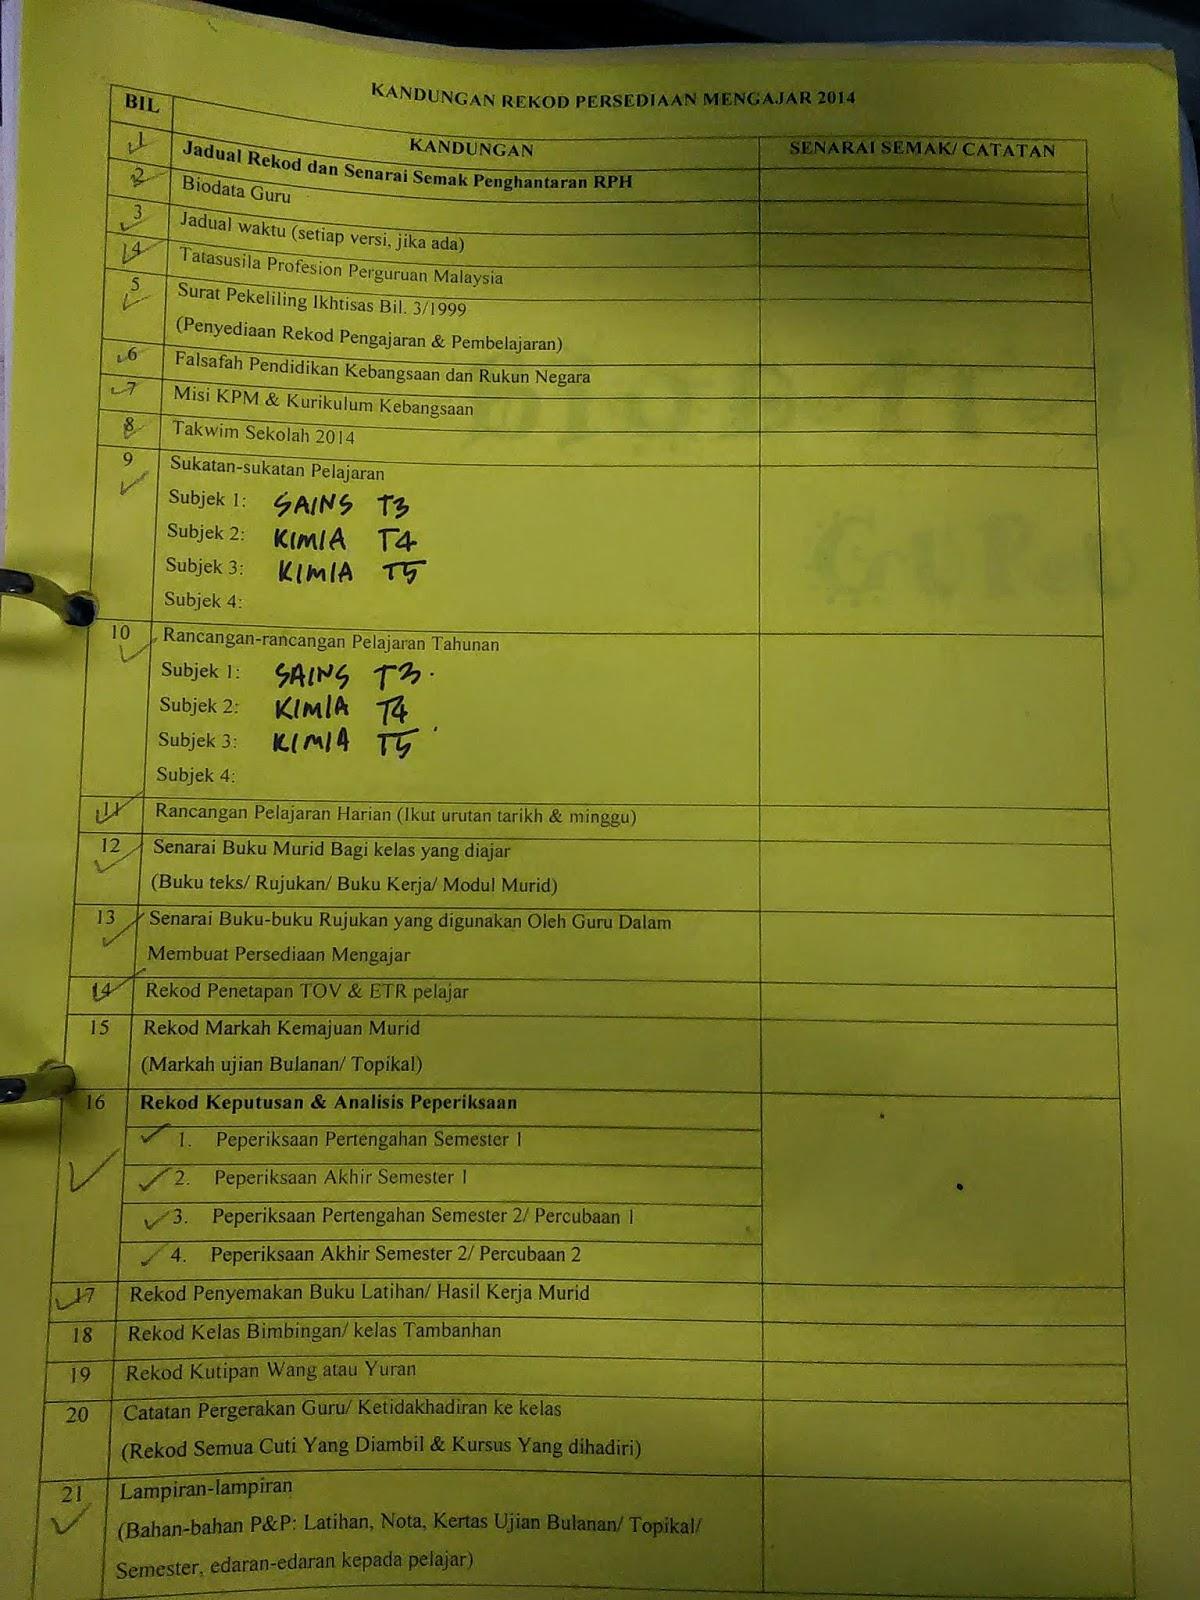 Senarai Kandungan Rekod Persediaan Mengajar